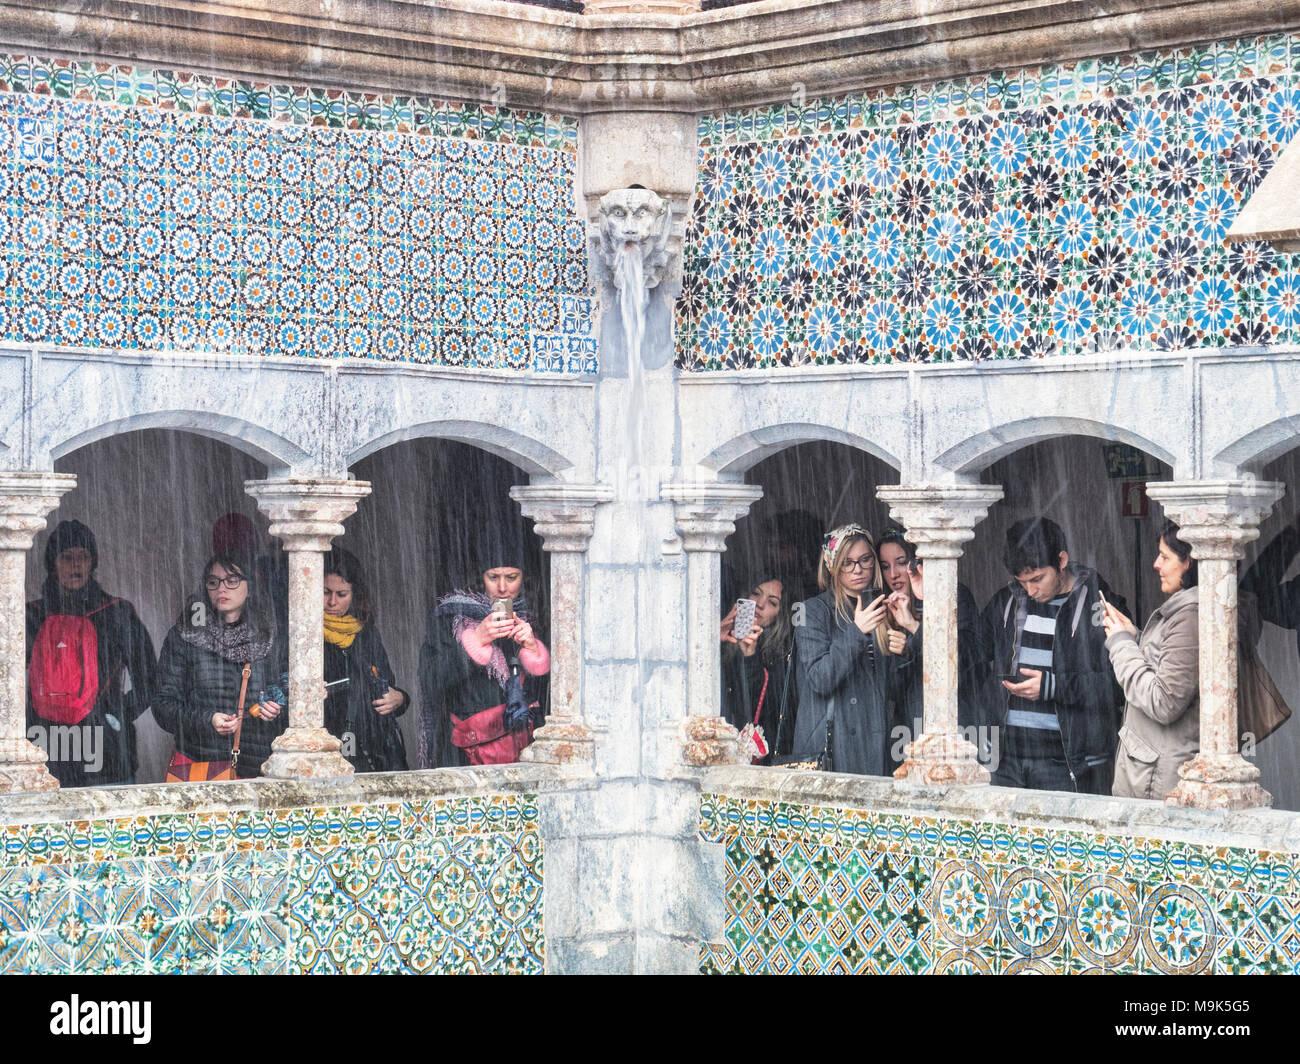 5 Marzo 2018: Sintra, Portogallo - i turisti con i telefoni con fotocamera sotto un porticato al Pena Palace, rendendo più molto di un giorno di pioggia. Immagini Stock